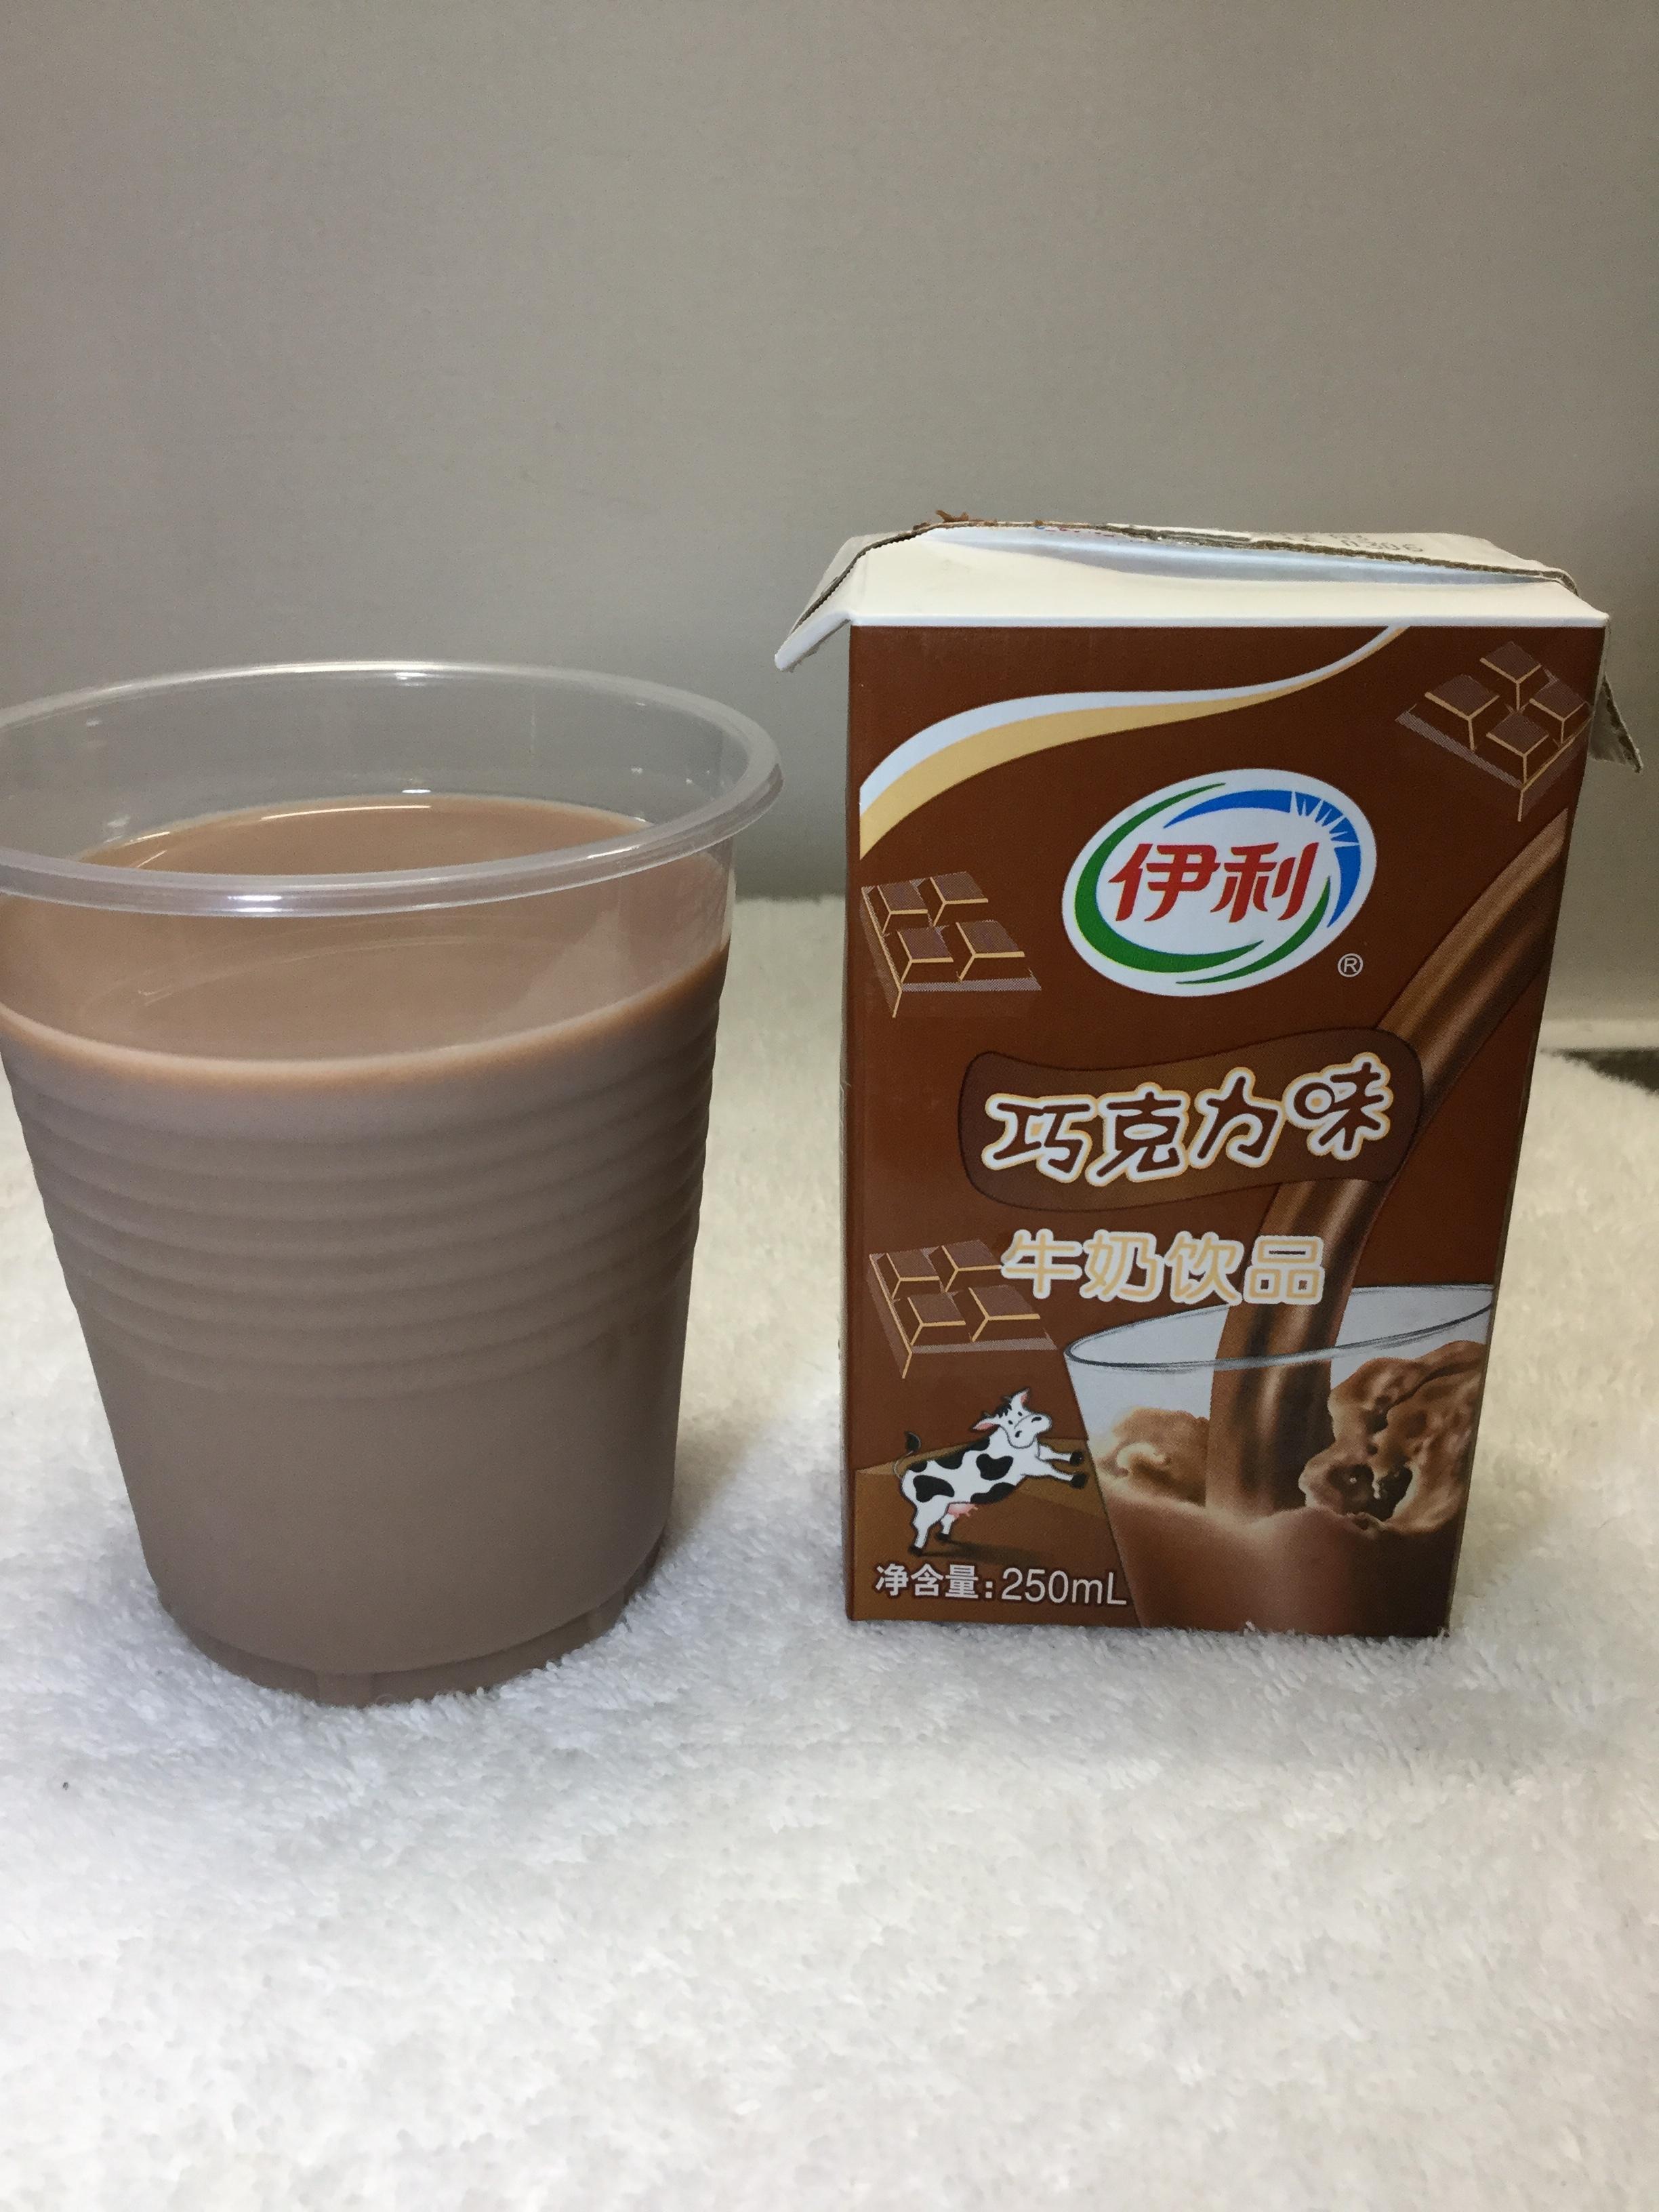 Yili Chocolate Milk (250mL) Cup